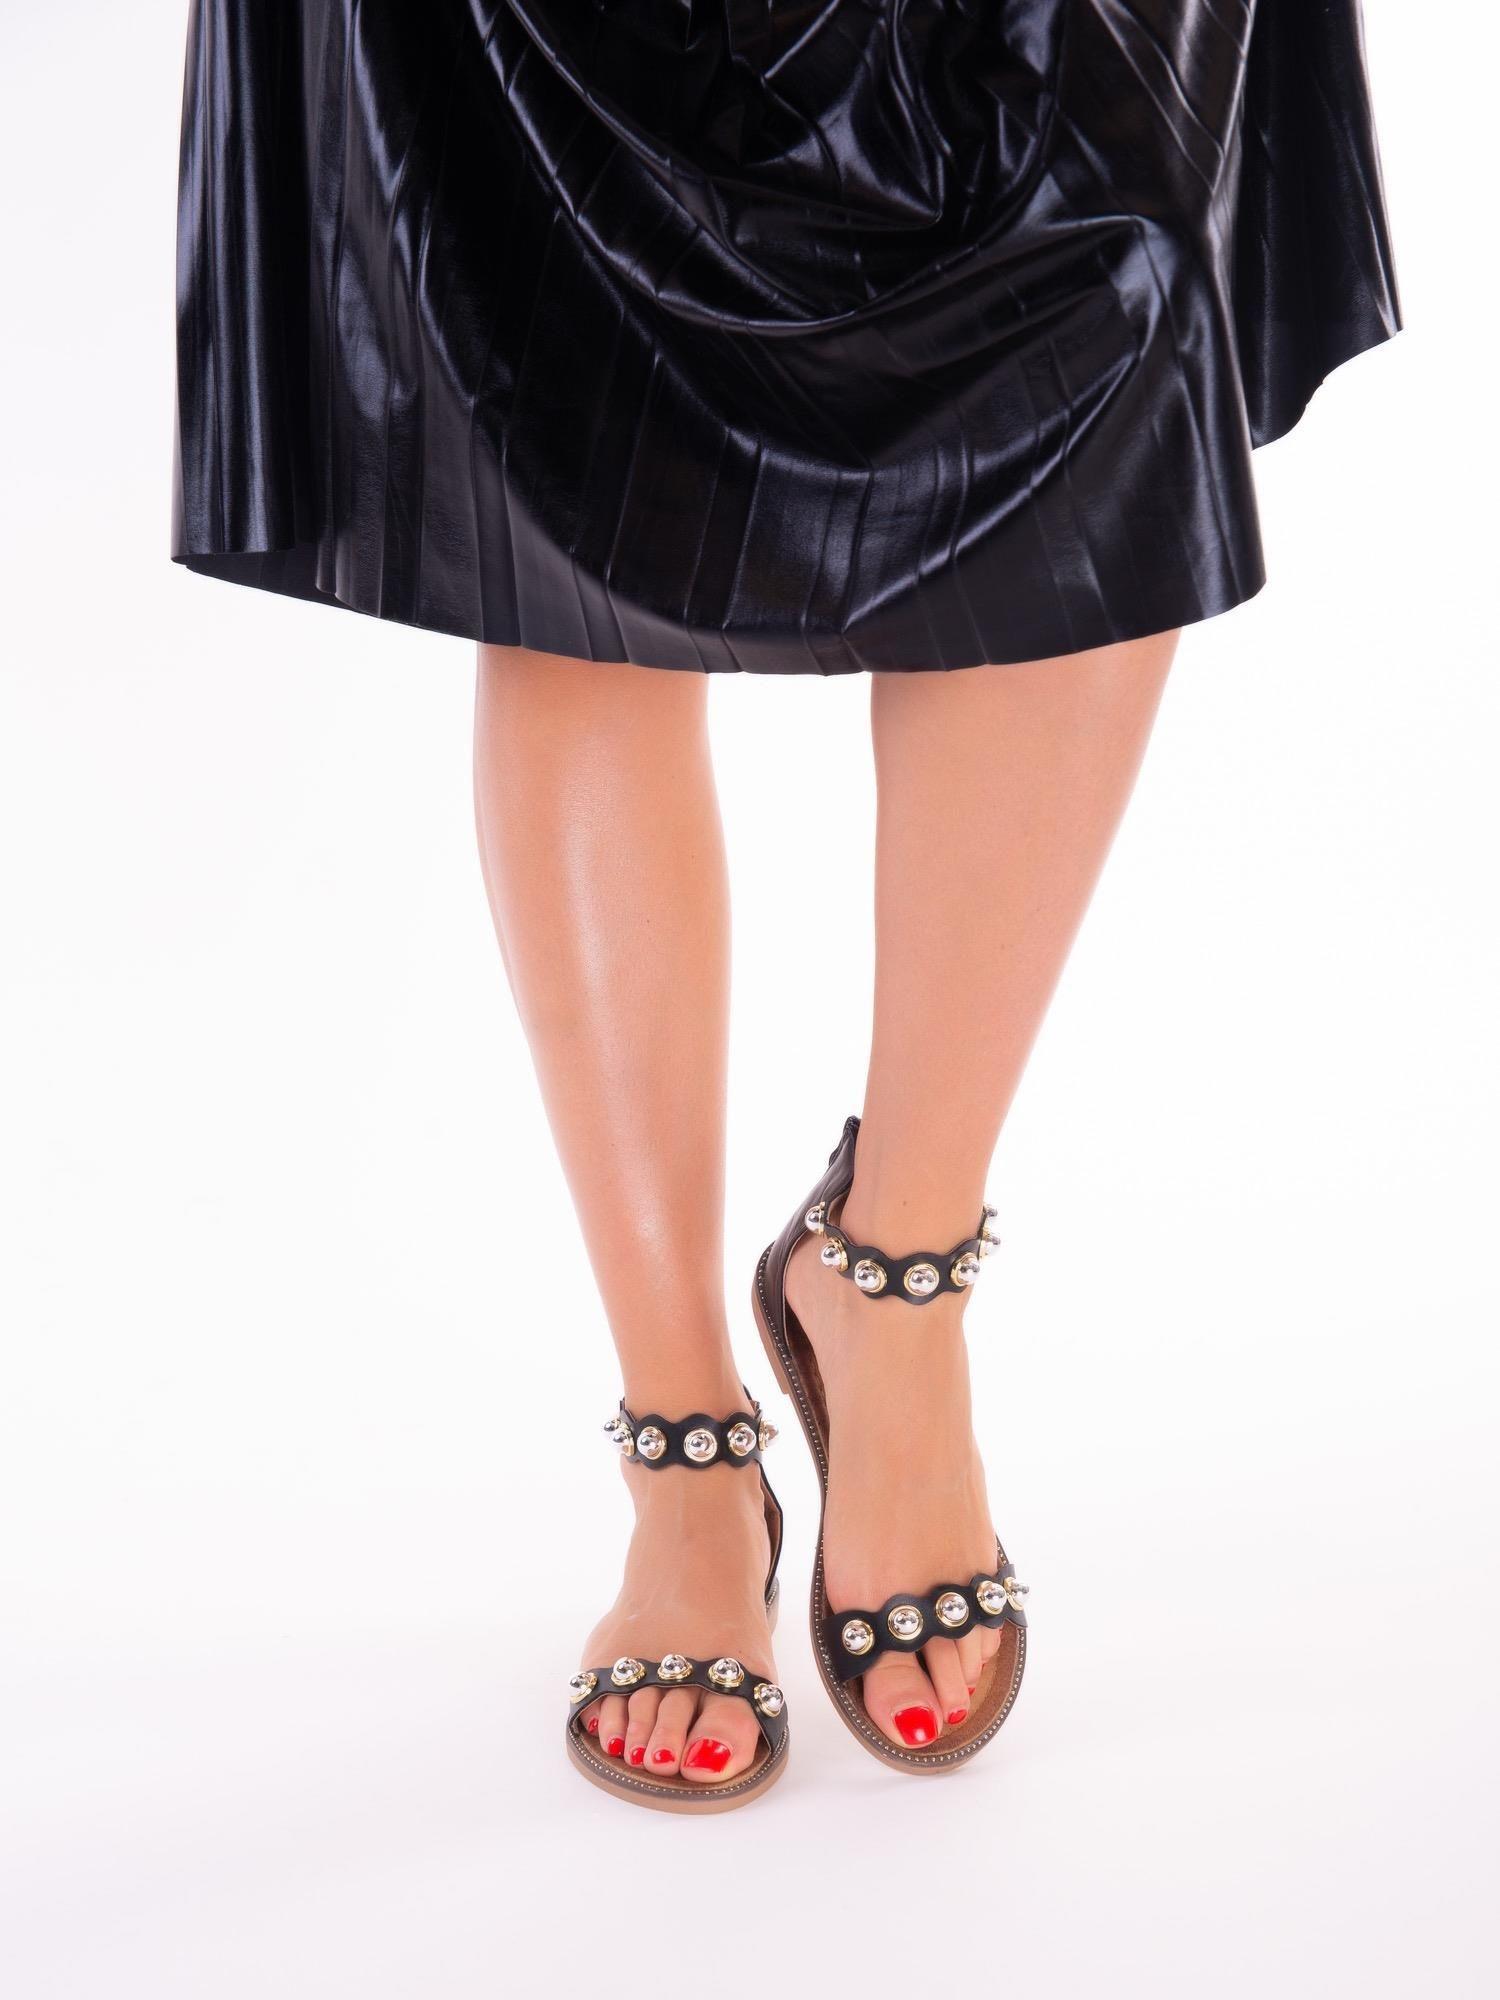 26ed0a4cc7142 Na Cholewki Z Zapięciem Sandały Czarne Suwak Tyłu Buty qf4taw